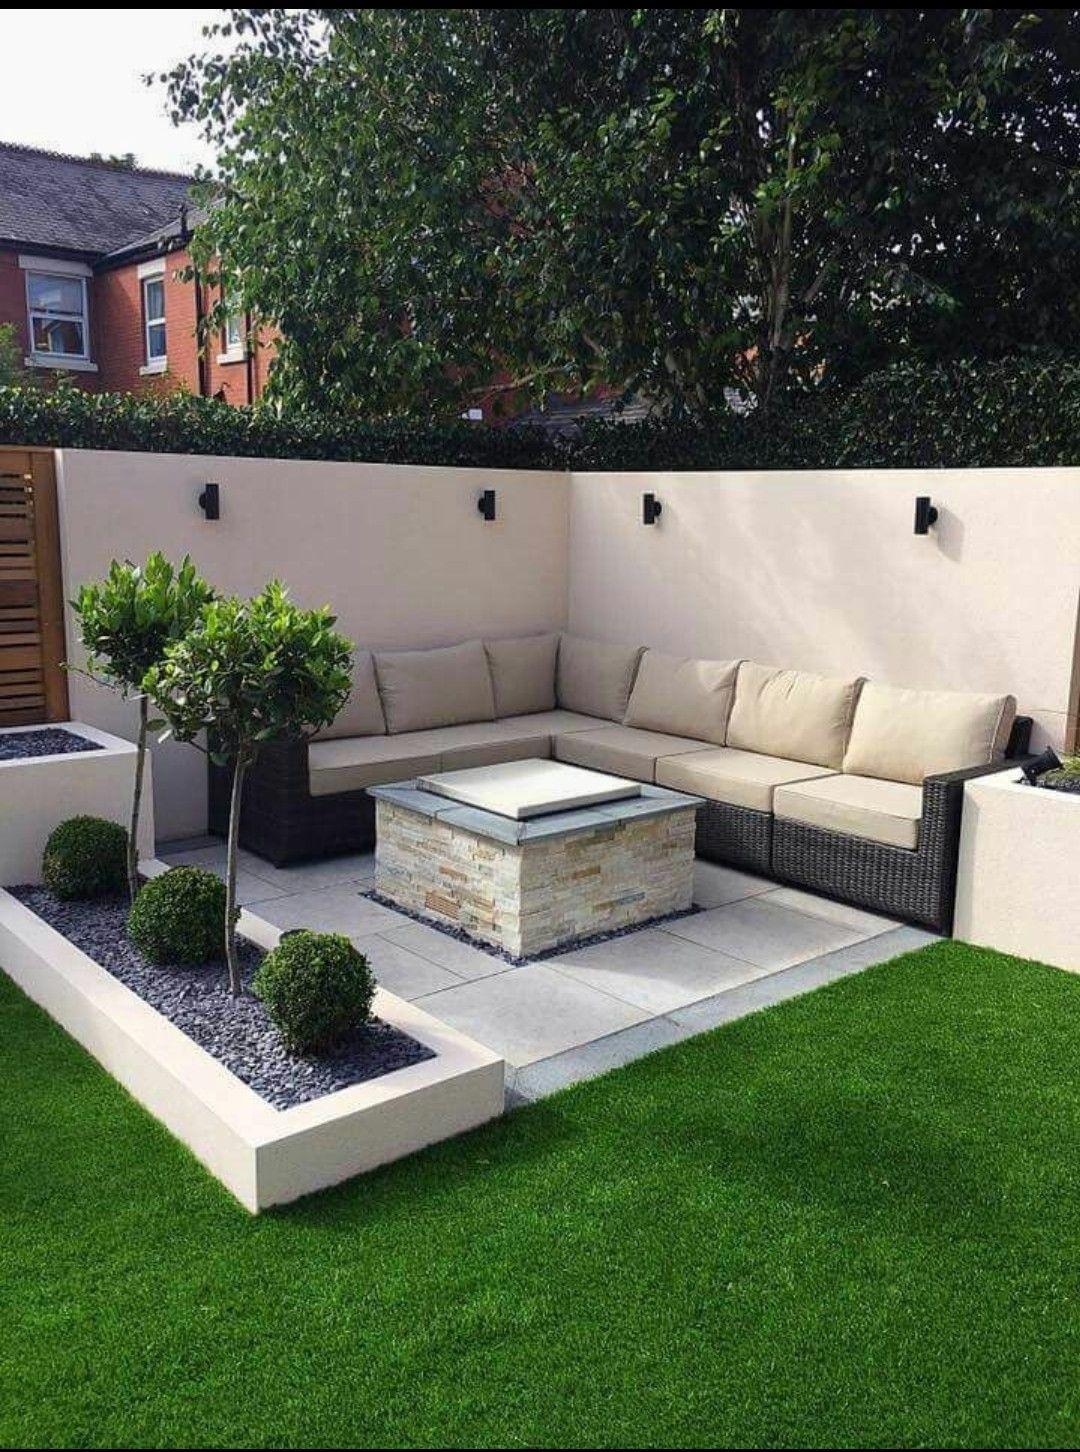 Imagen patio exterior. | Garden en 2018 | Pinterest ...